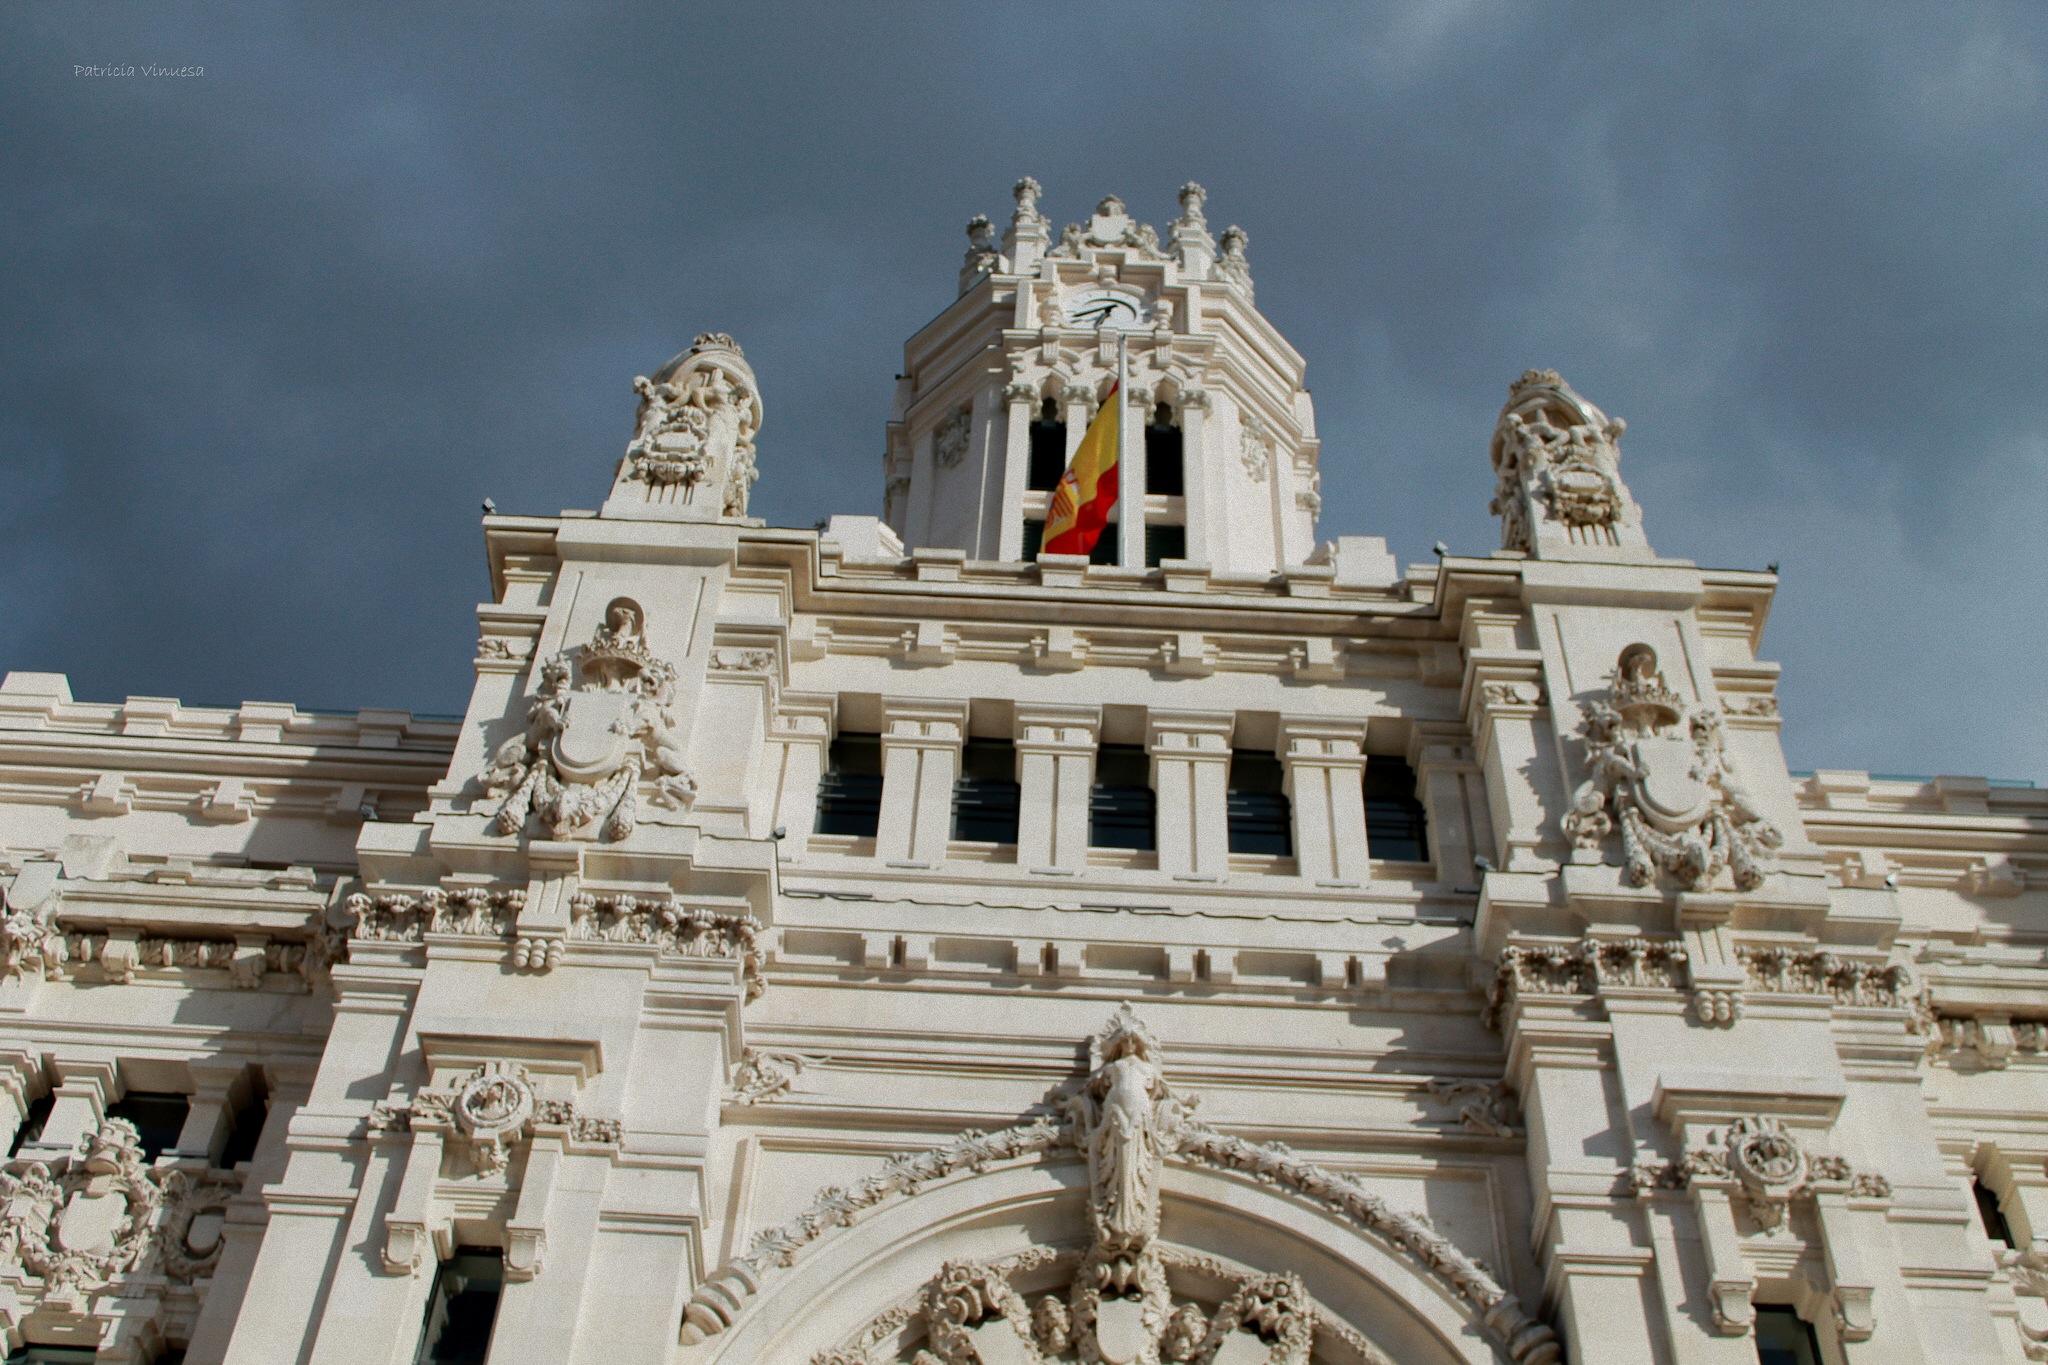 Un día nublado de abril, se trata del Palacio de Correos. Foto de @pattvh_